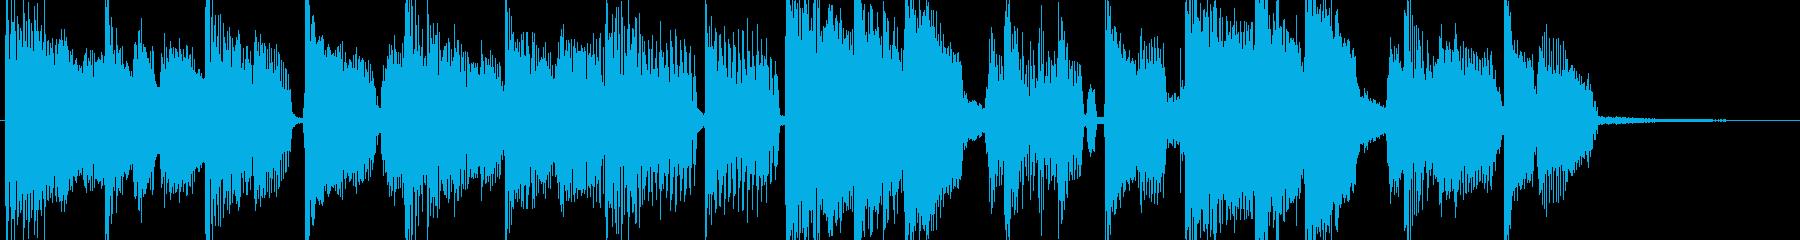 ブルース風の軽快なロックジングルの再生済みの波形